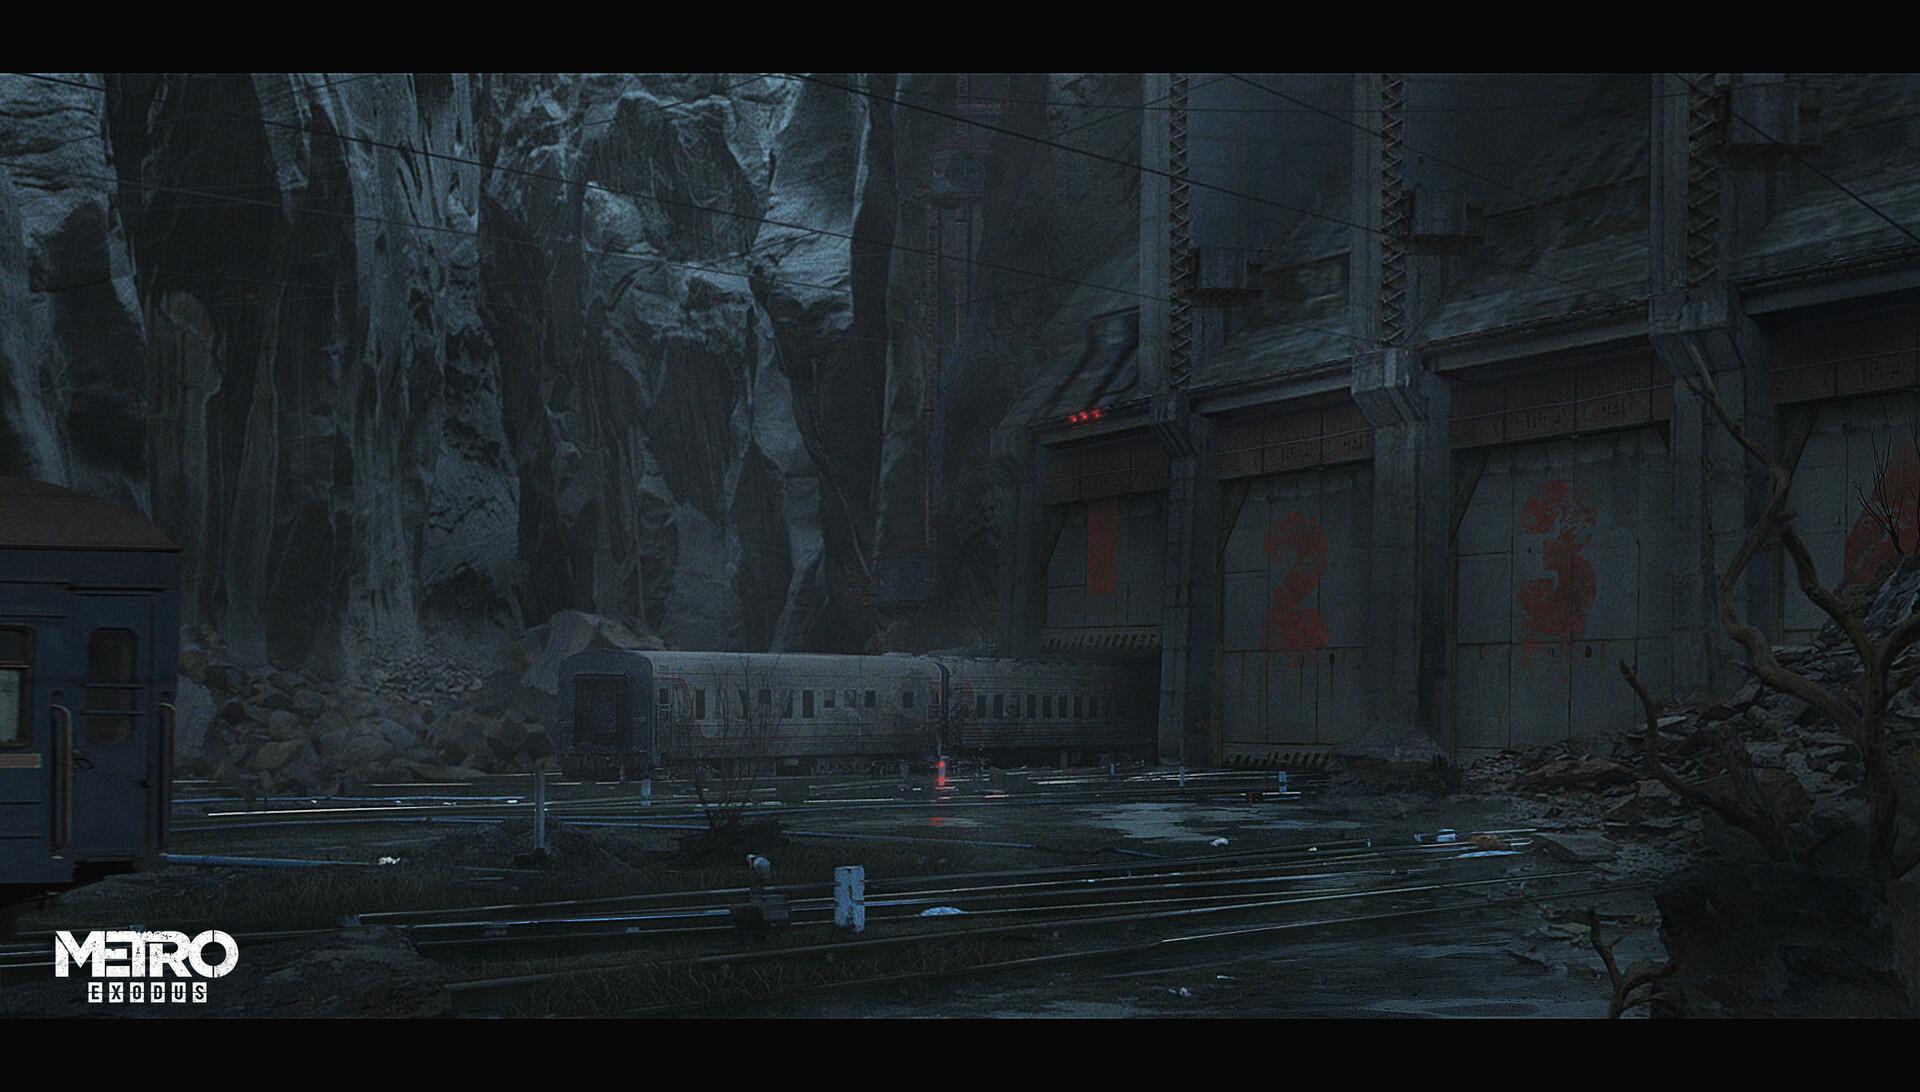 Rostyslav zagornov bunker entrance2